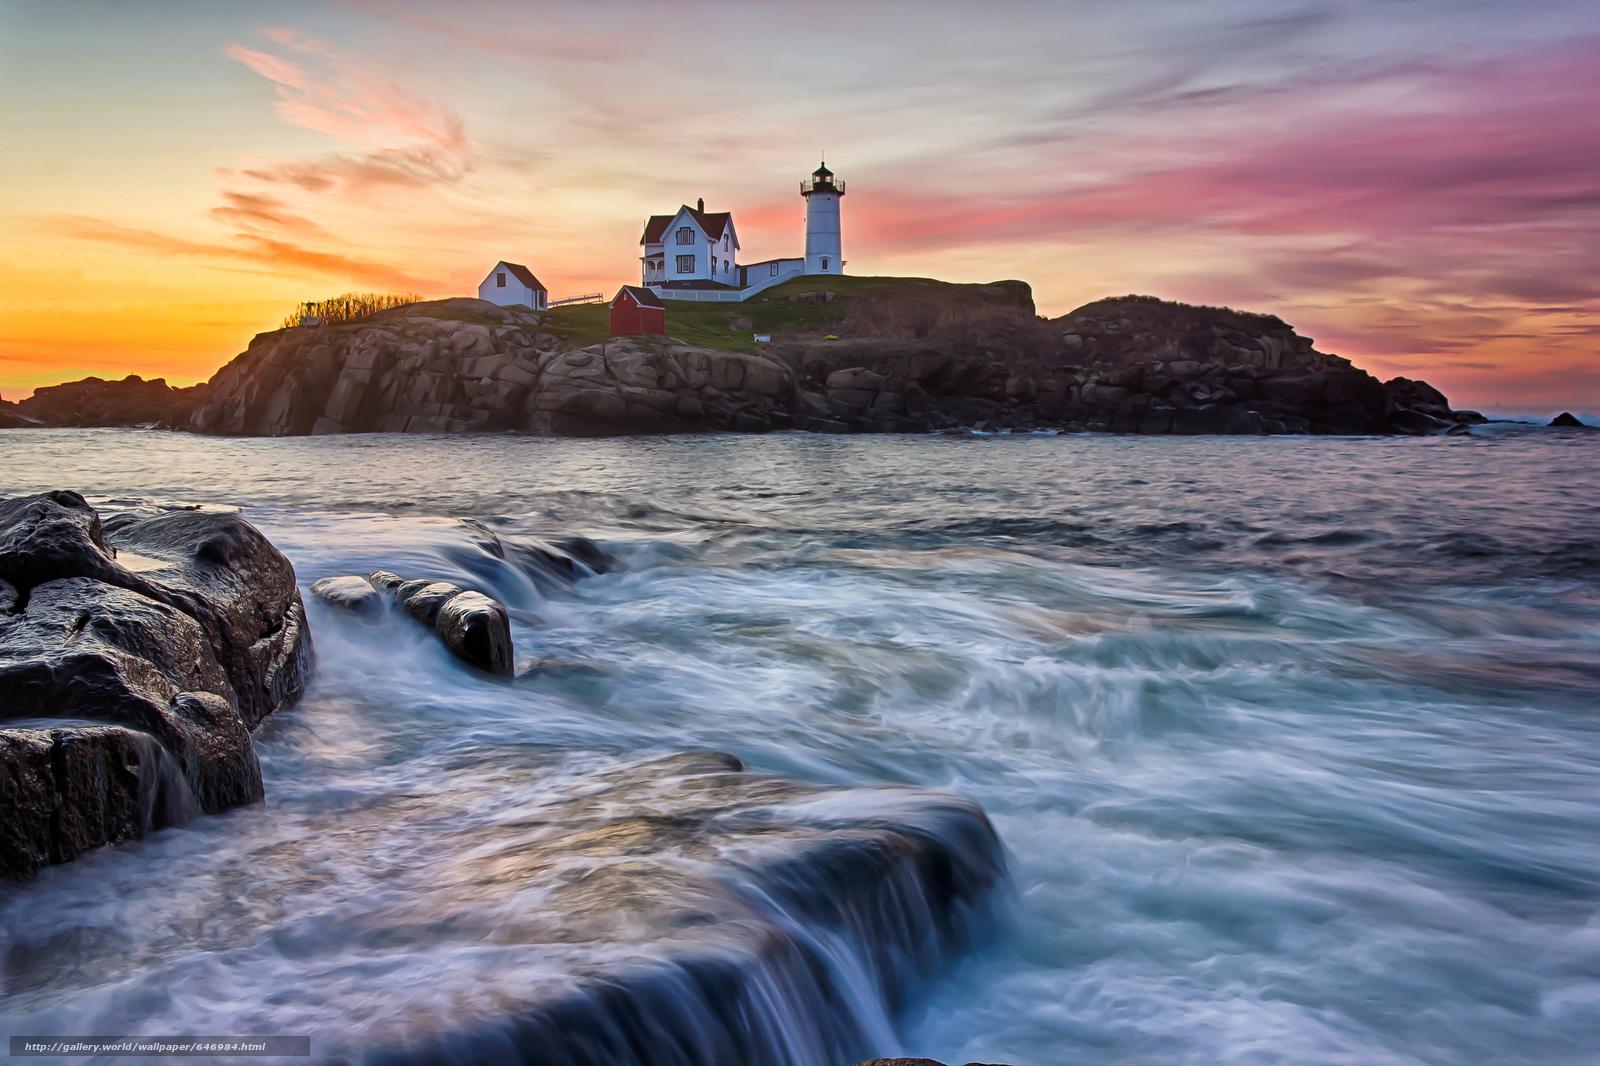 Скачать обои Portland Head Light,  Cape Elizabeth,  Maine,  маяк бесплатно для рабочего стола в разрешении 2048x1365 — картинка №646984